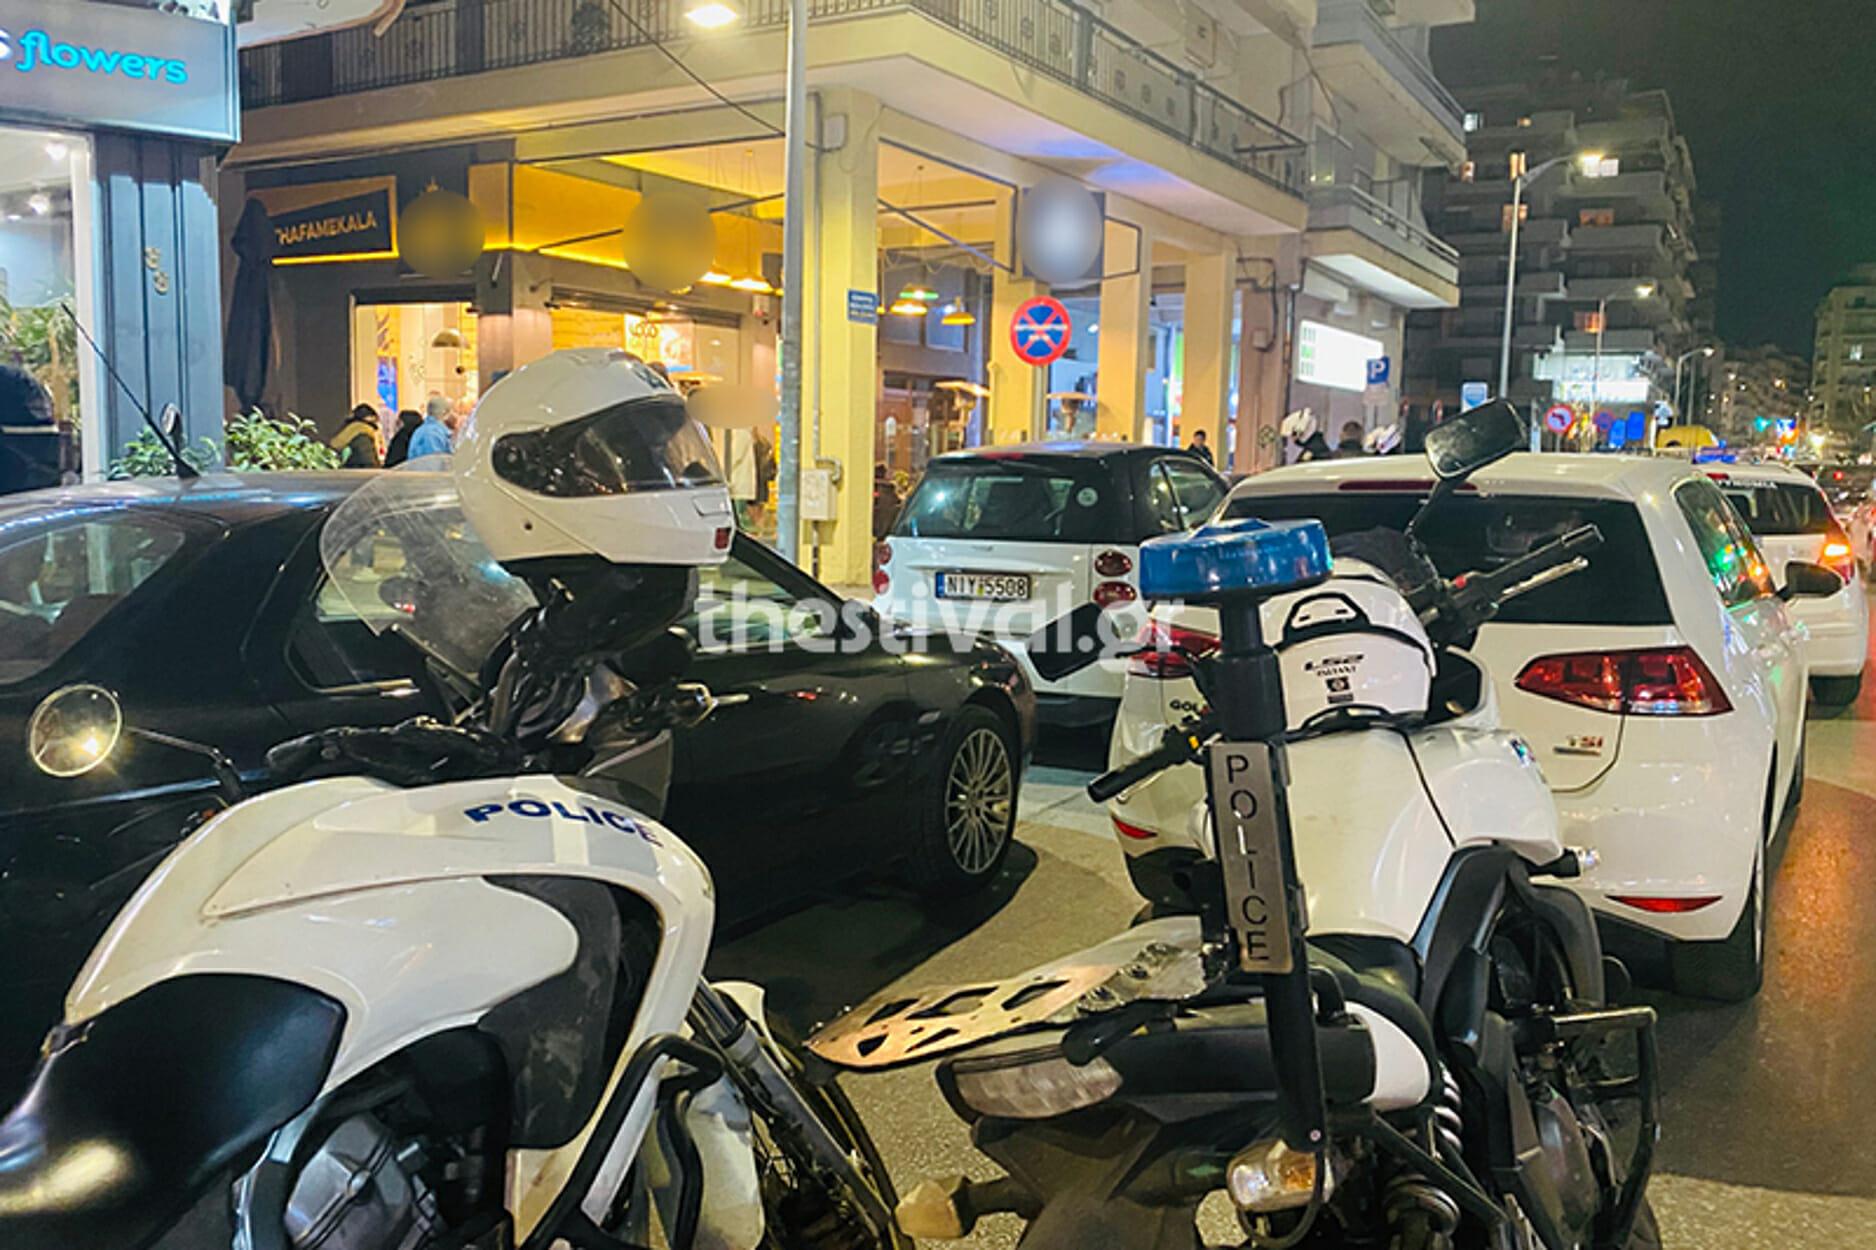 Θεσσαλονίκη: Παραδόθηκε ο ντελιβεράς που σκότωσε τον ιδιοκτήτη fast food!